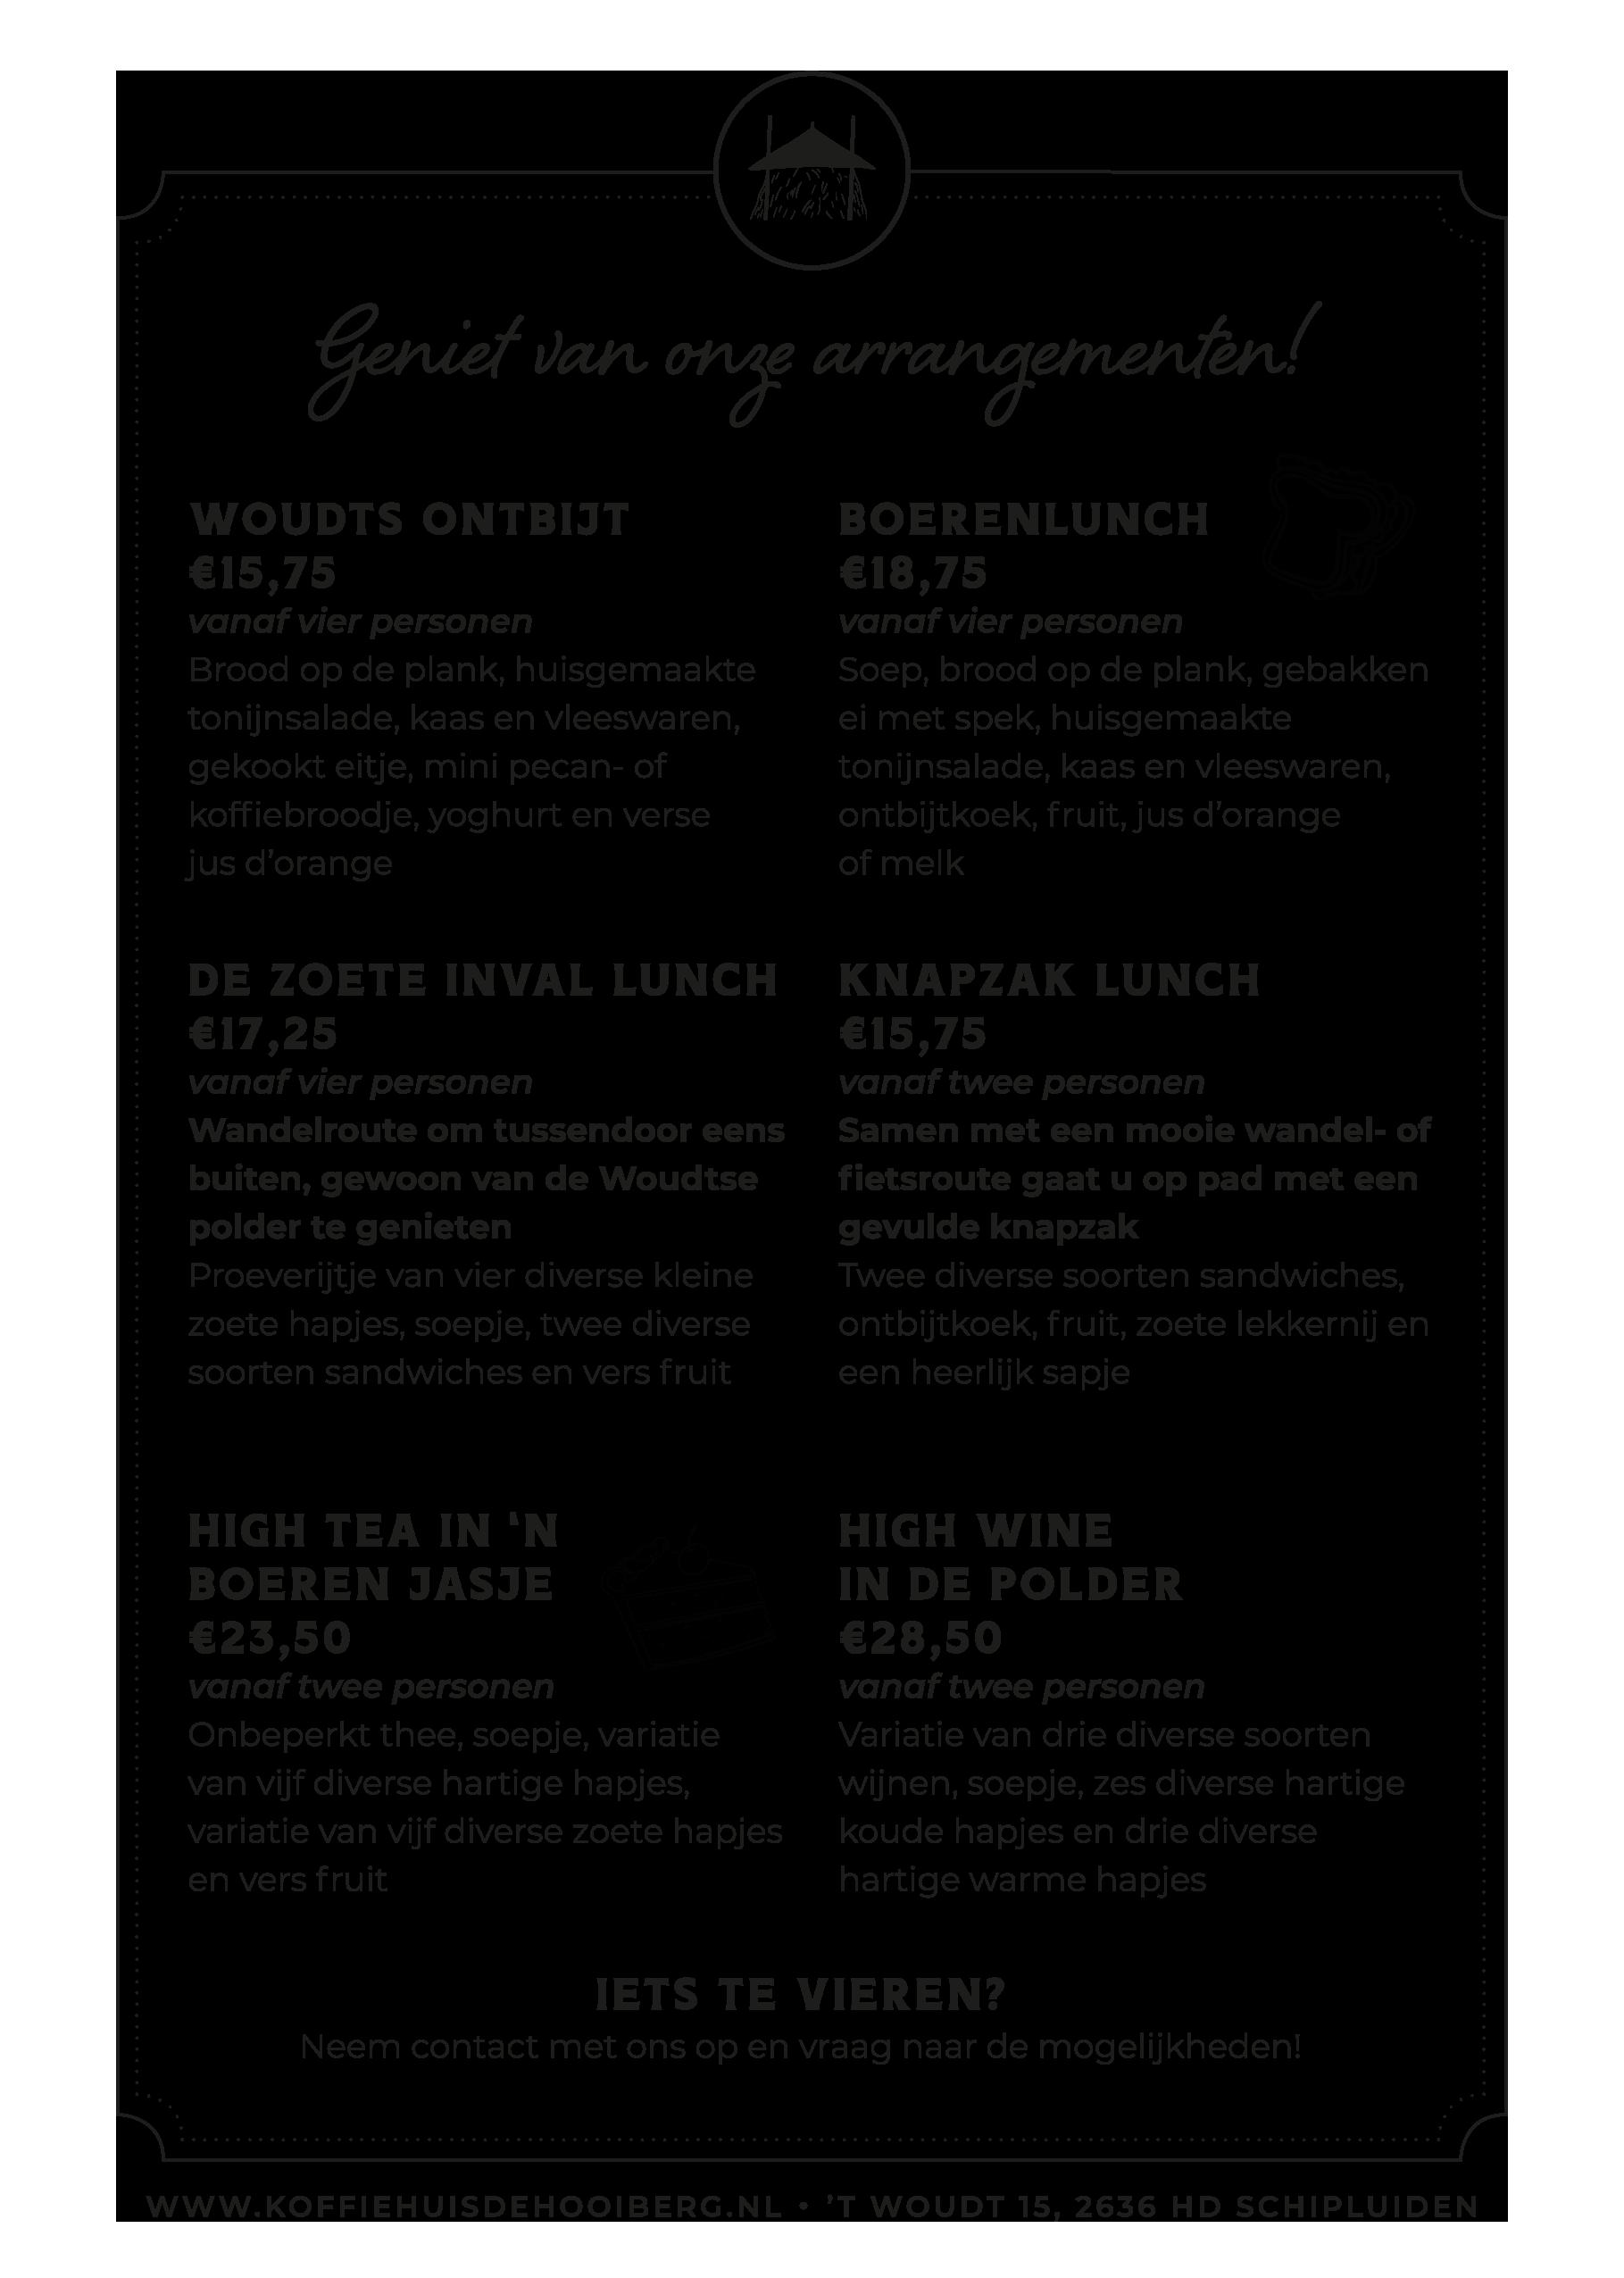 Arrangementen koffiehuis de hooiberg